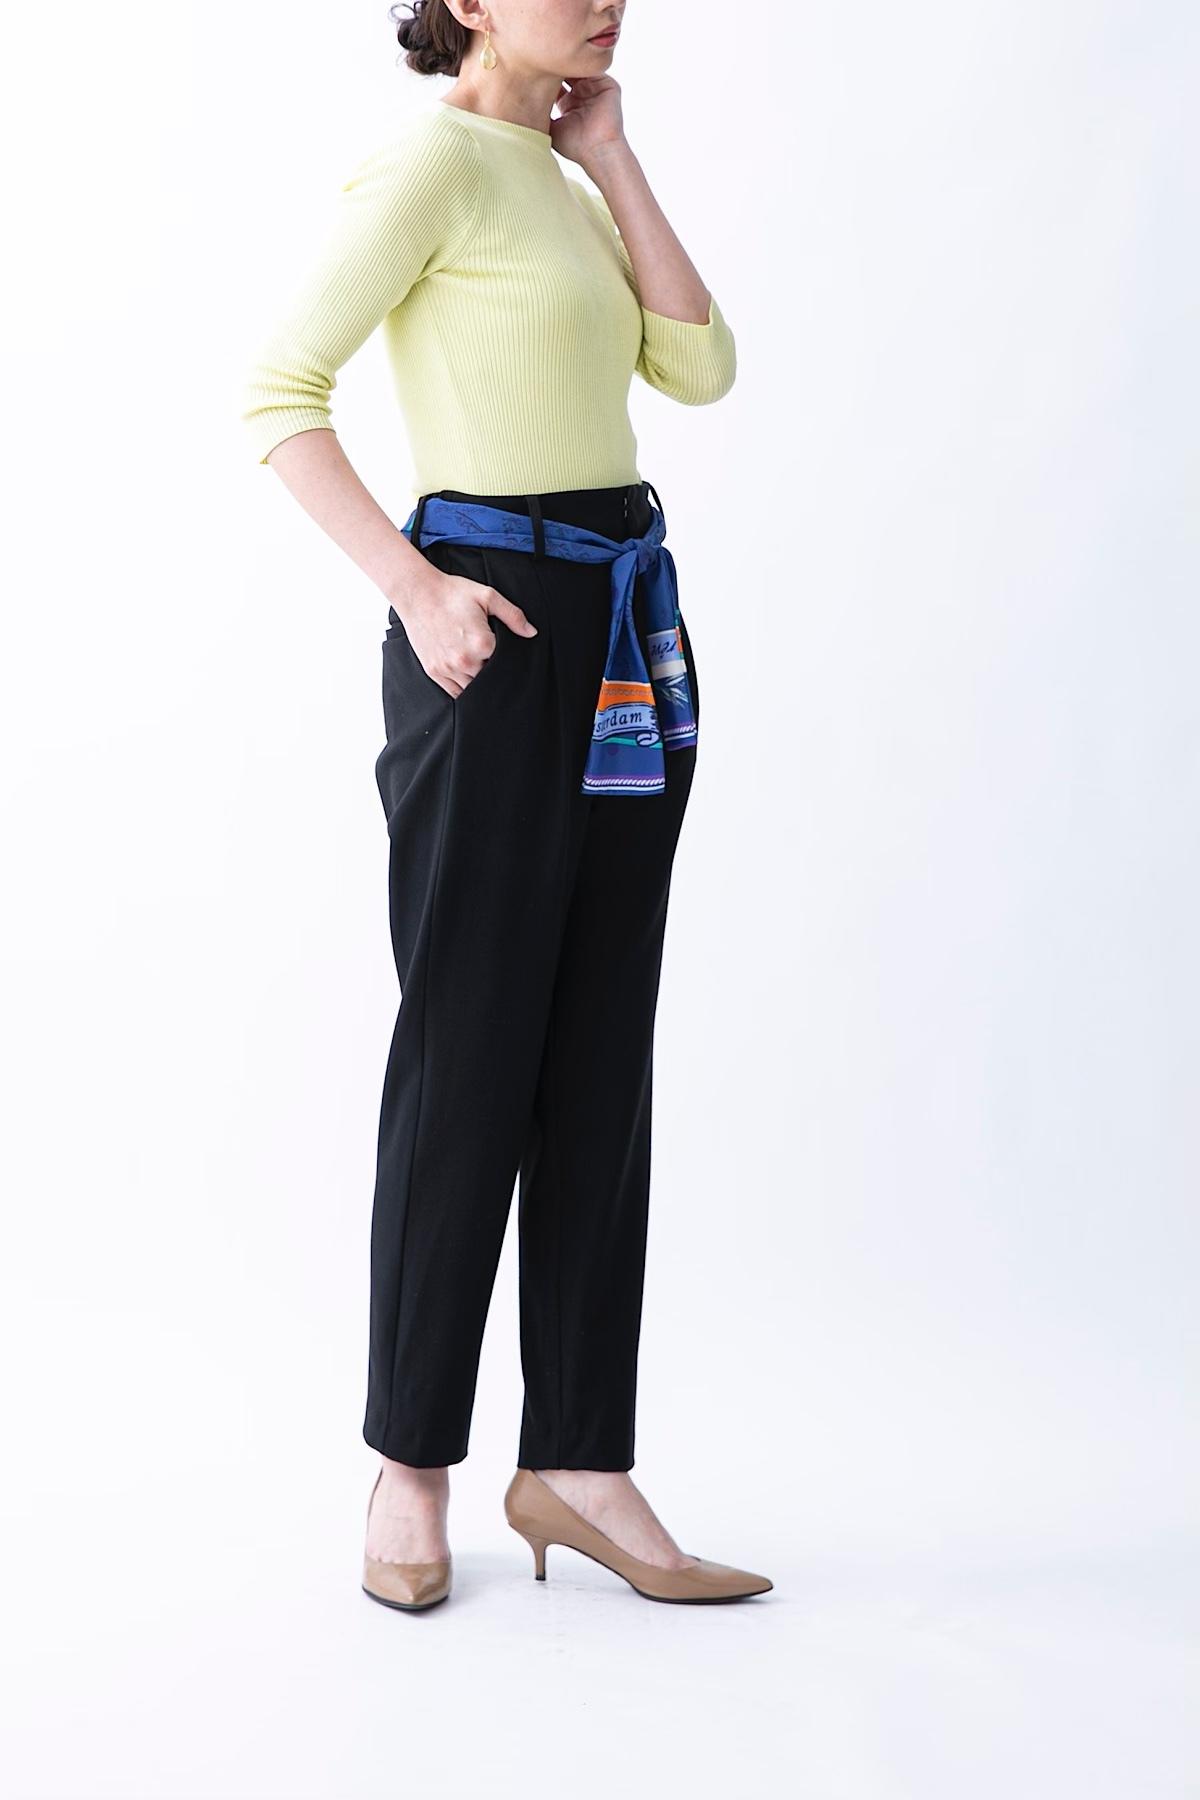 ソフトサーモパンツ(スカーフベルト付) 4色:ブラック